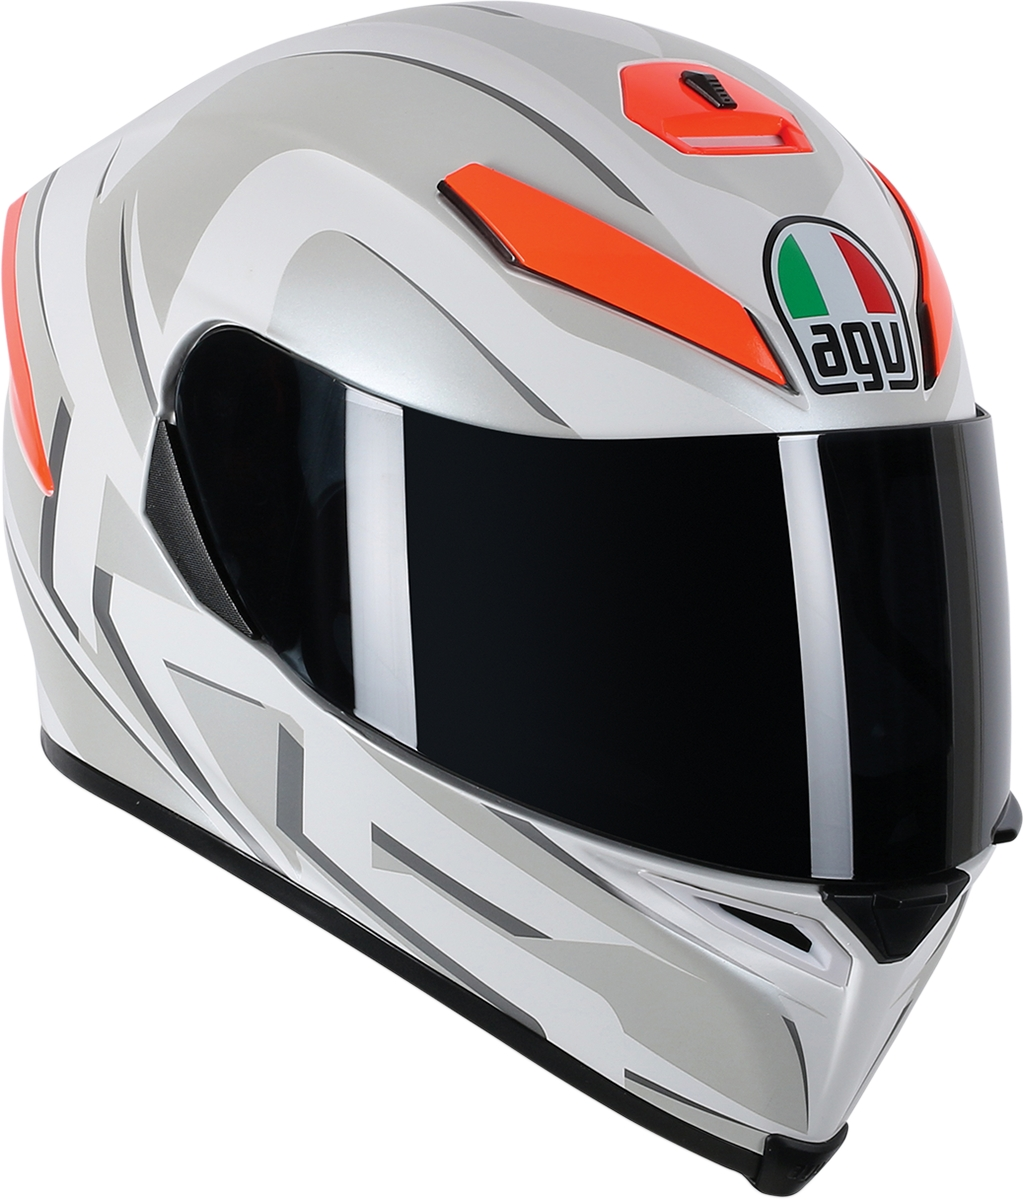 K-5 You Full Faced Helmet